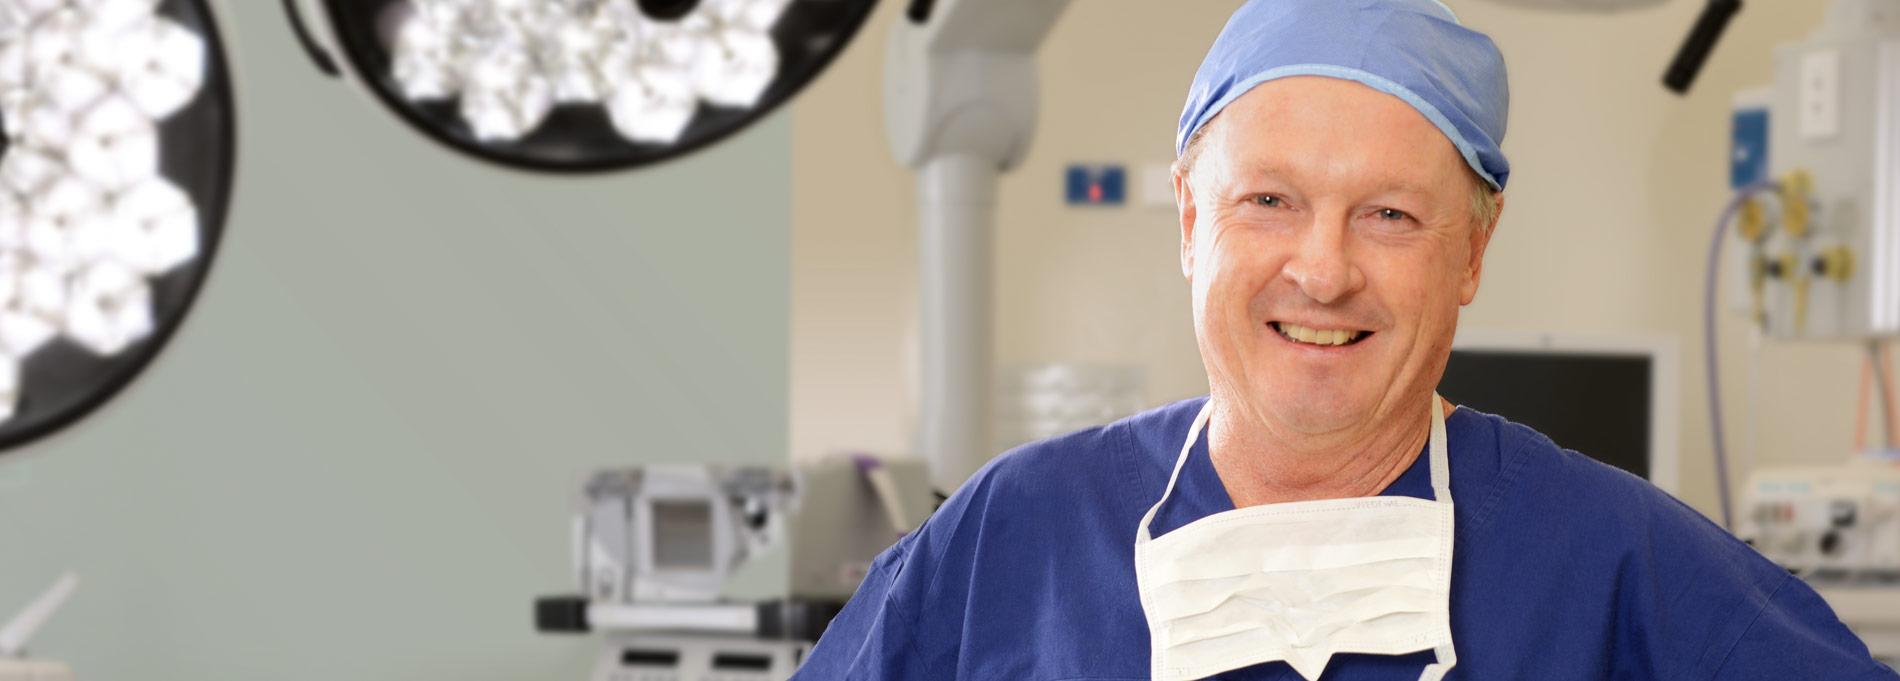 Wood Orthopaedic Surgeon